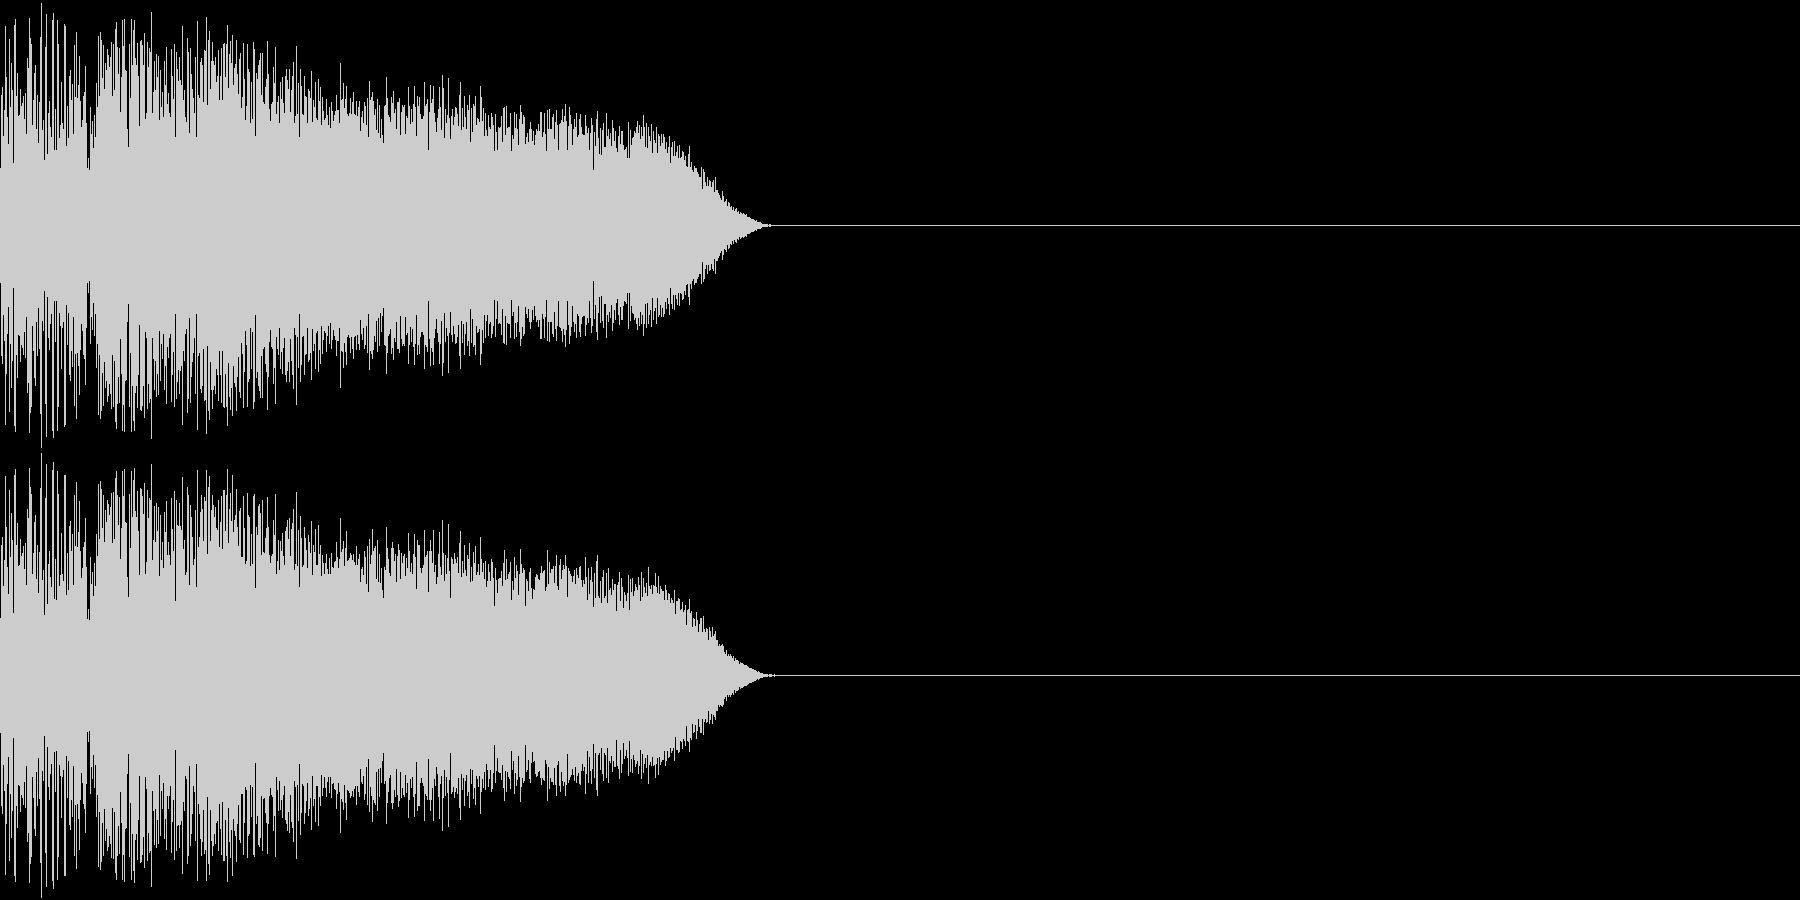 8ビット ファミコン ジャンプ ビーム3の未再生の波形